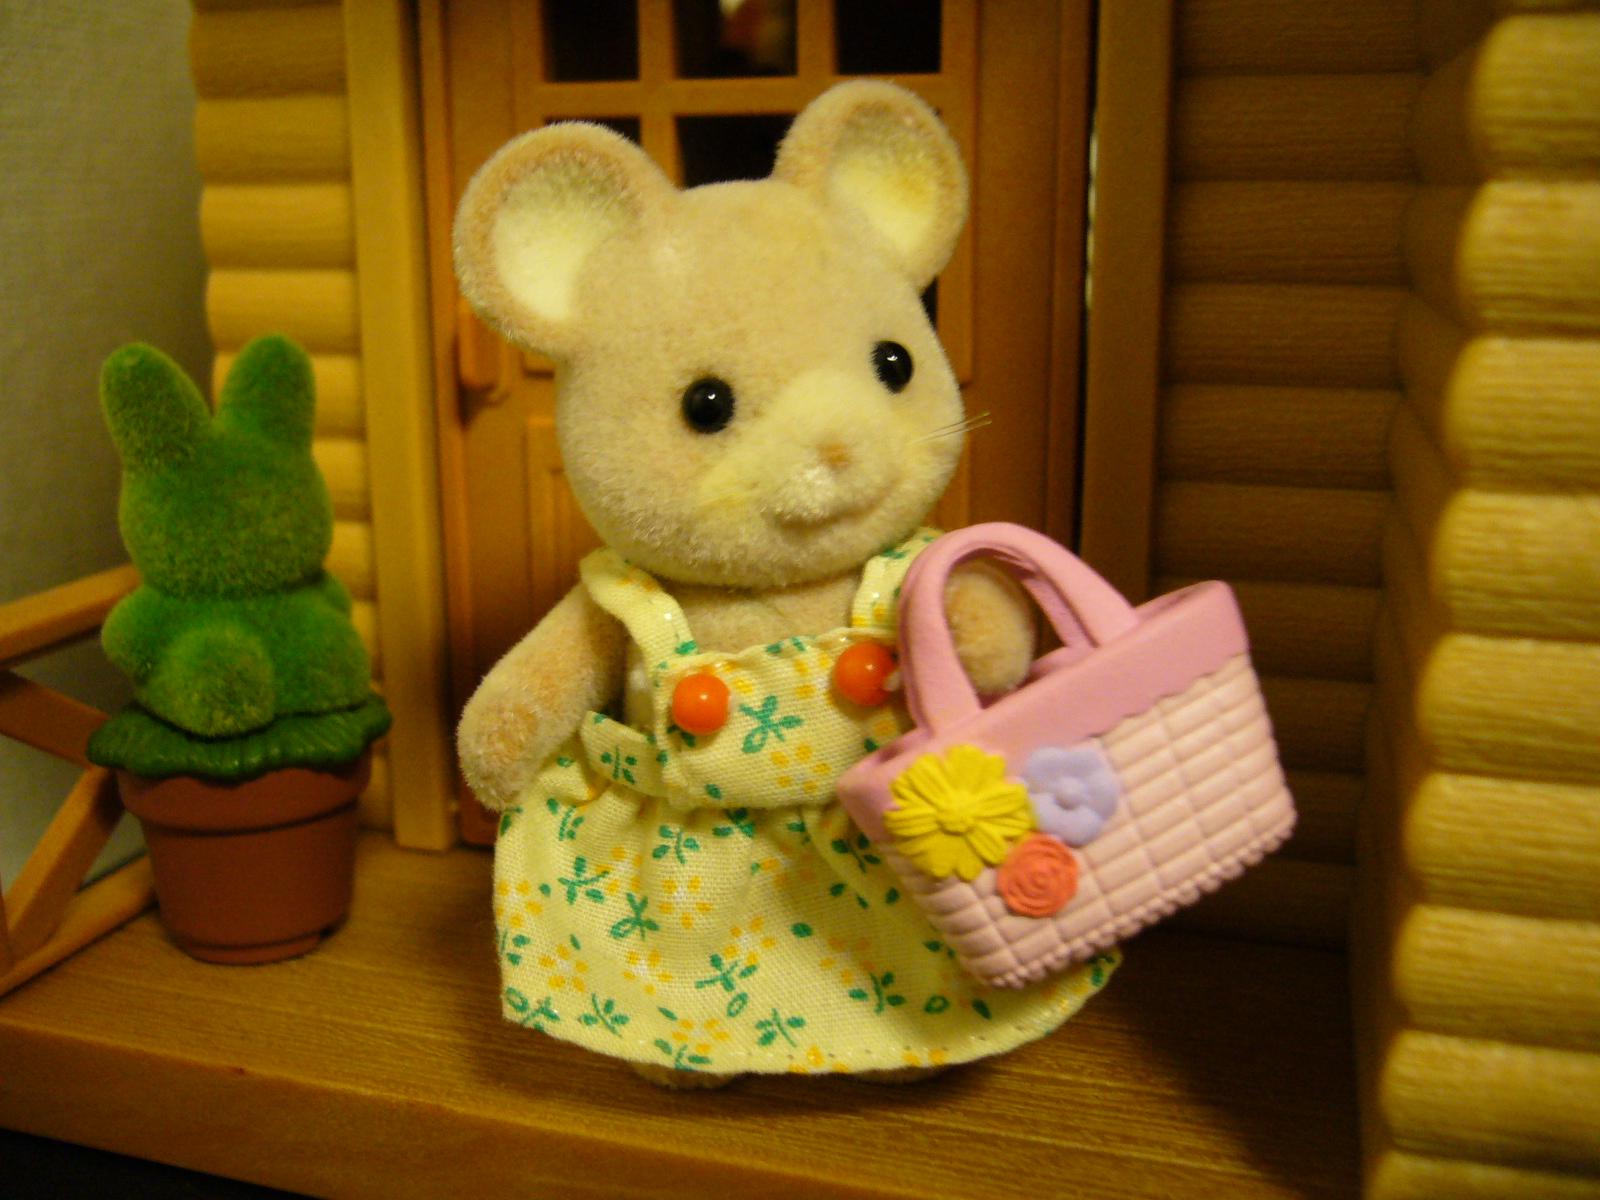 【シルバニア】バッグ&アクセサリー(お母さん用、女の子B)公式オンラインショップ 新商品  画像有